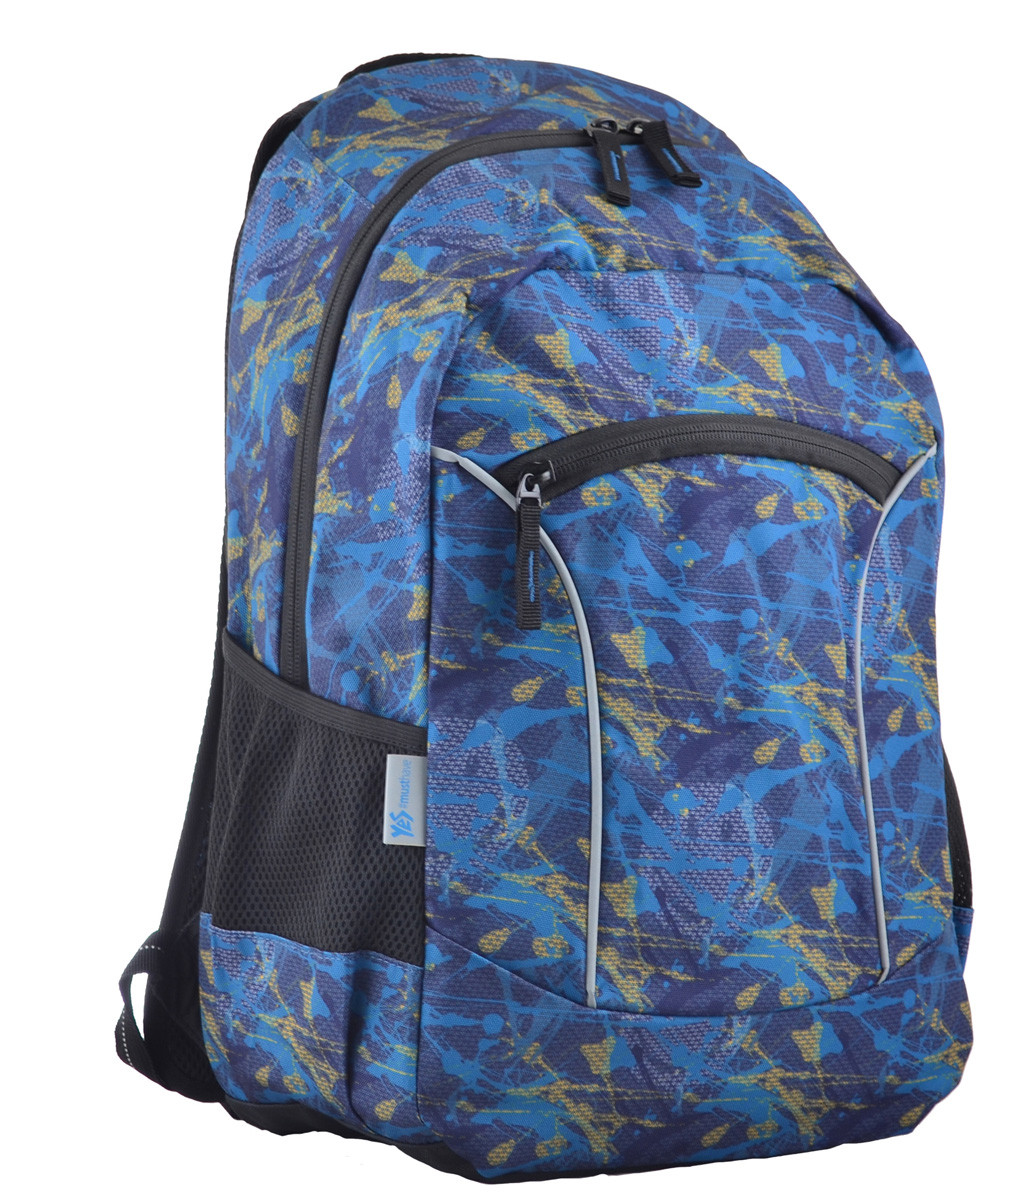 Рюкзак школьный для подростка YES Т-39 Web 48*30*16 код: 554826